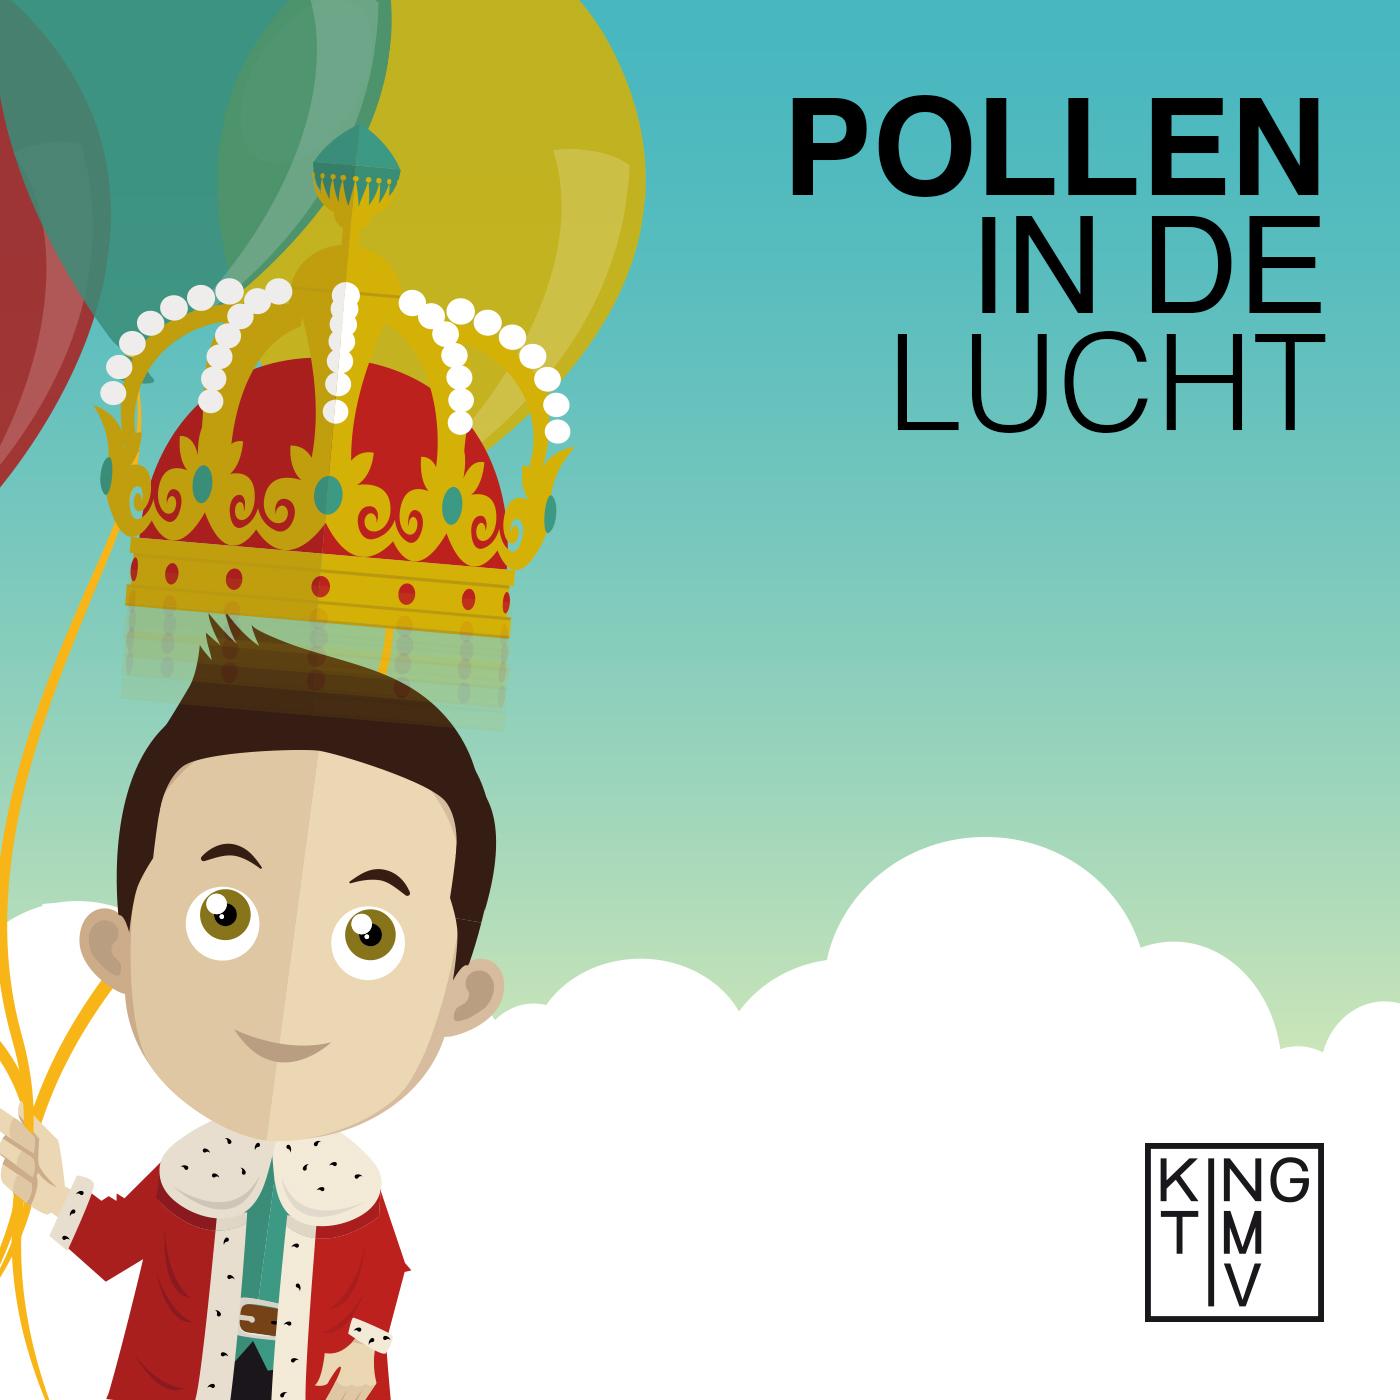 Singlecover King Tim IV - Pollen in de Lucht